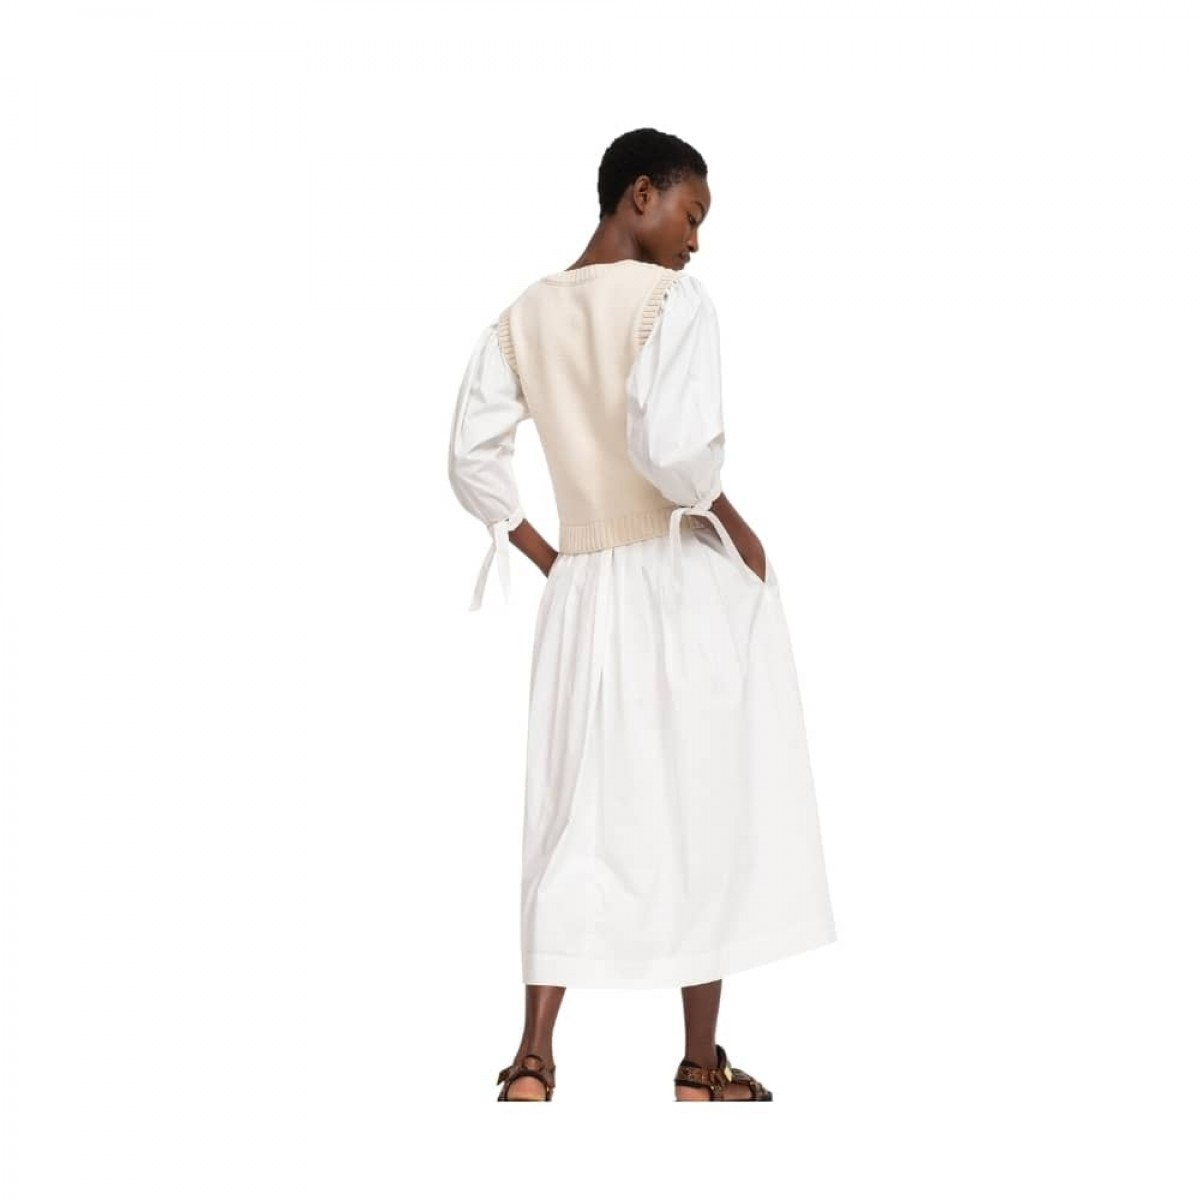 gabriela crochet kjole - multi color - model fra ryggen